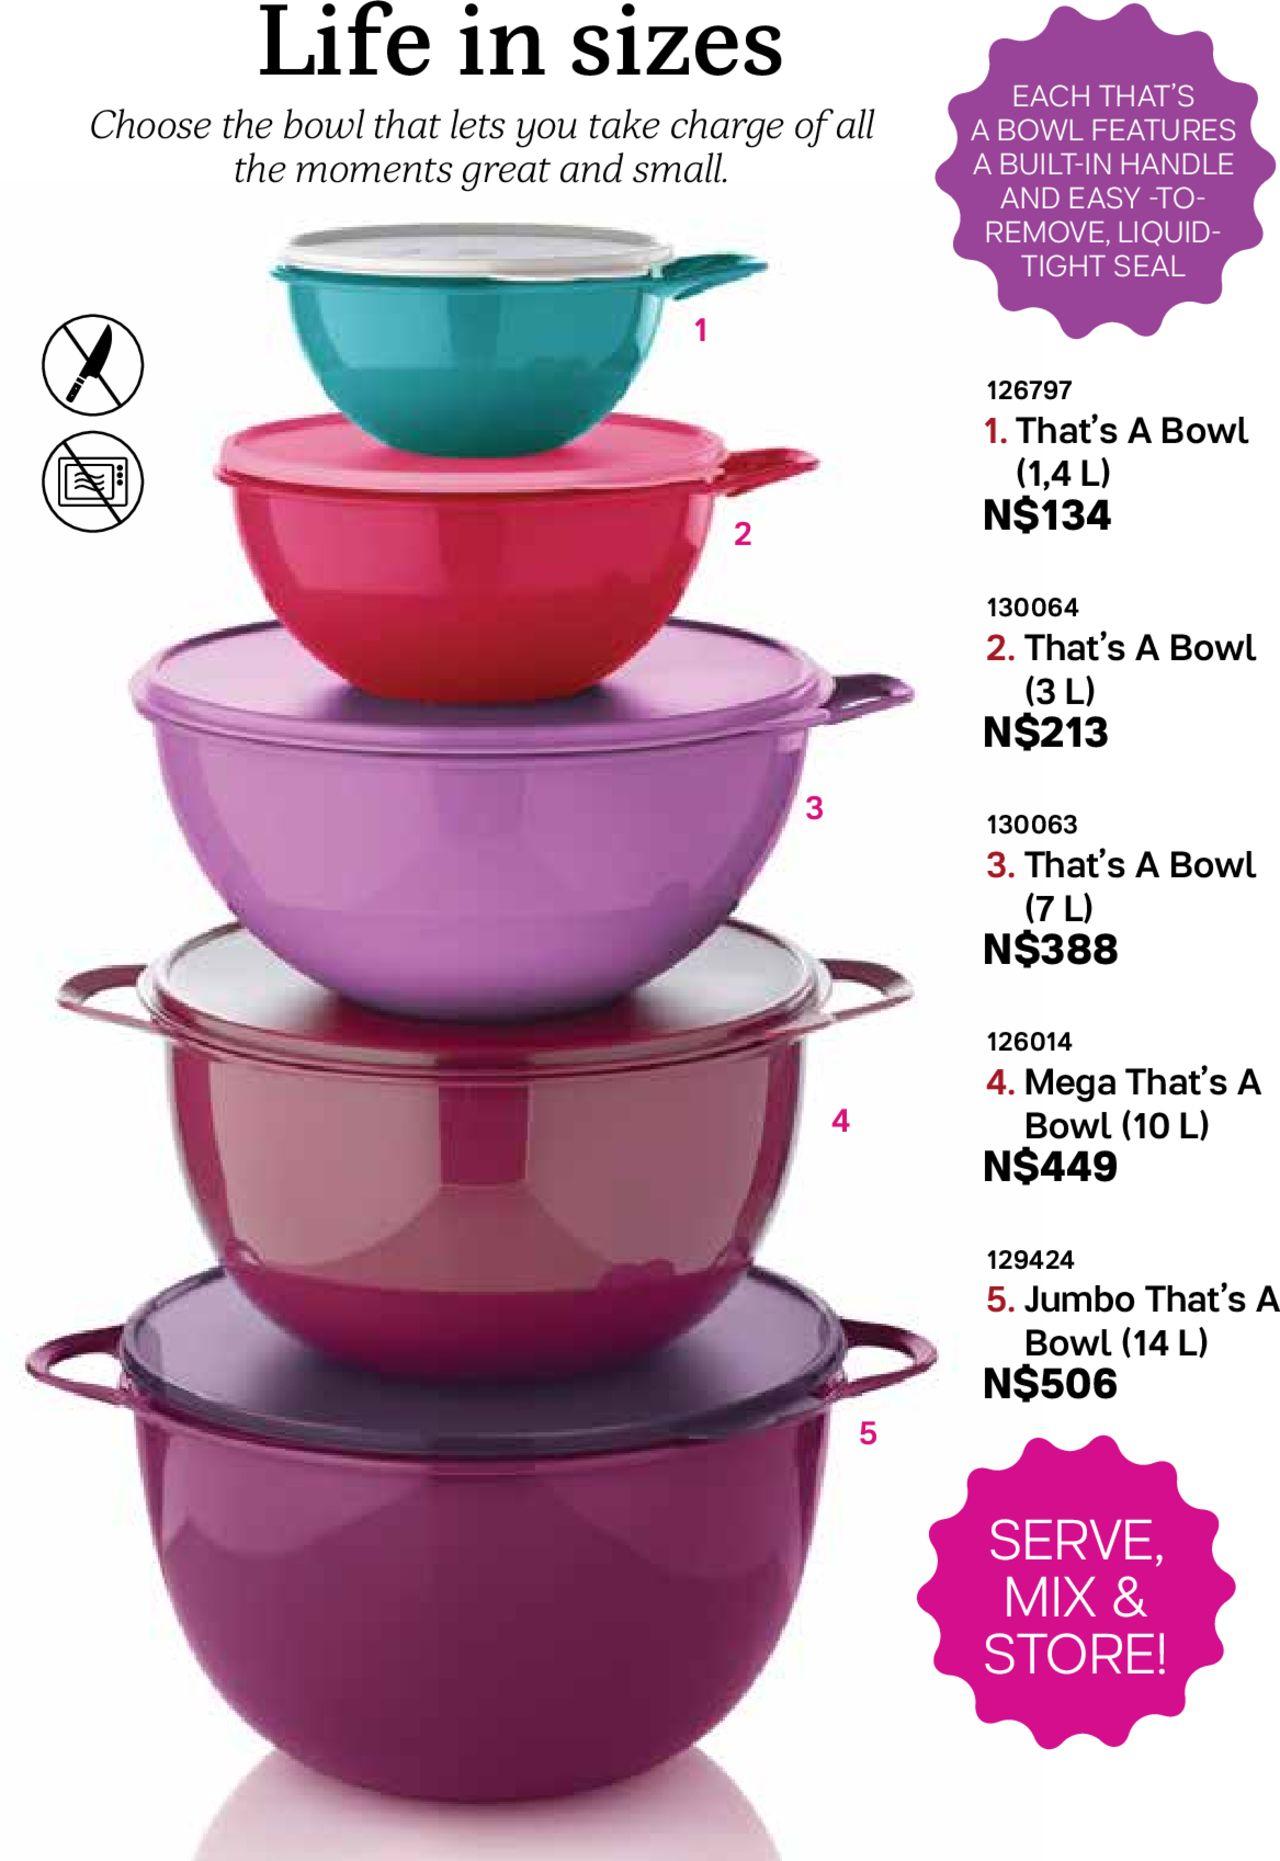 Sa Tupperware For January 2020 Catalogue | Calendar